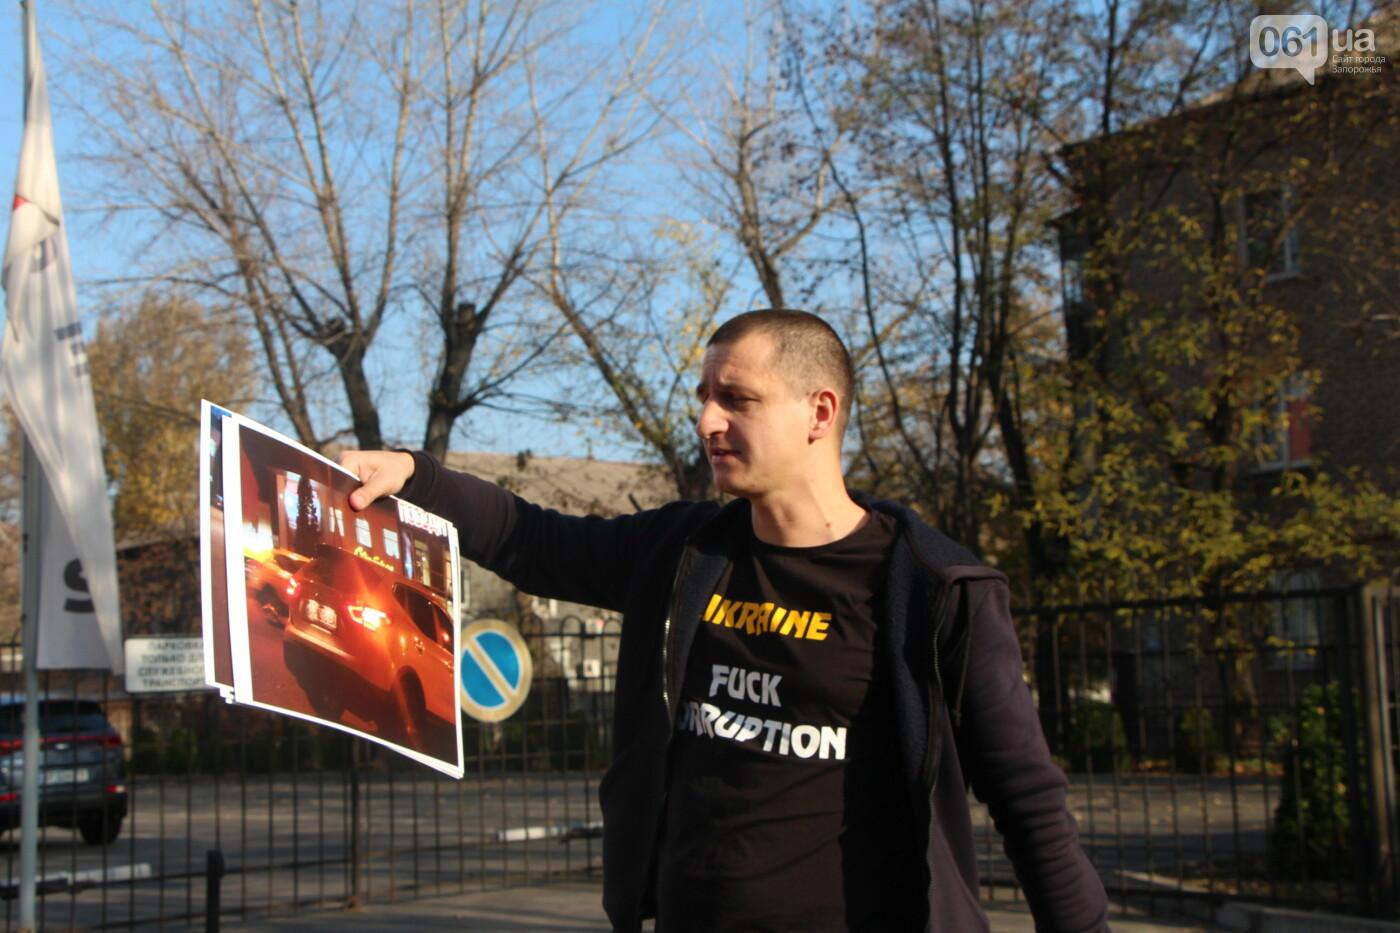 """""""Анисимов просто лох"""": на антикоррупционной экскурсии рассказали, кто приезжает в новый """"золотой офис"""", - ФОТОРЕПОРТАЖ, фото-36"""